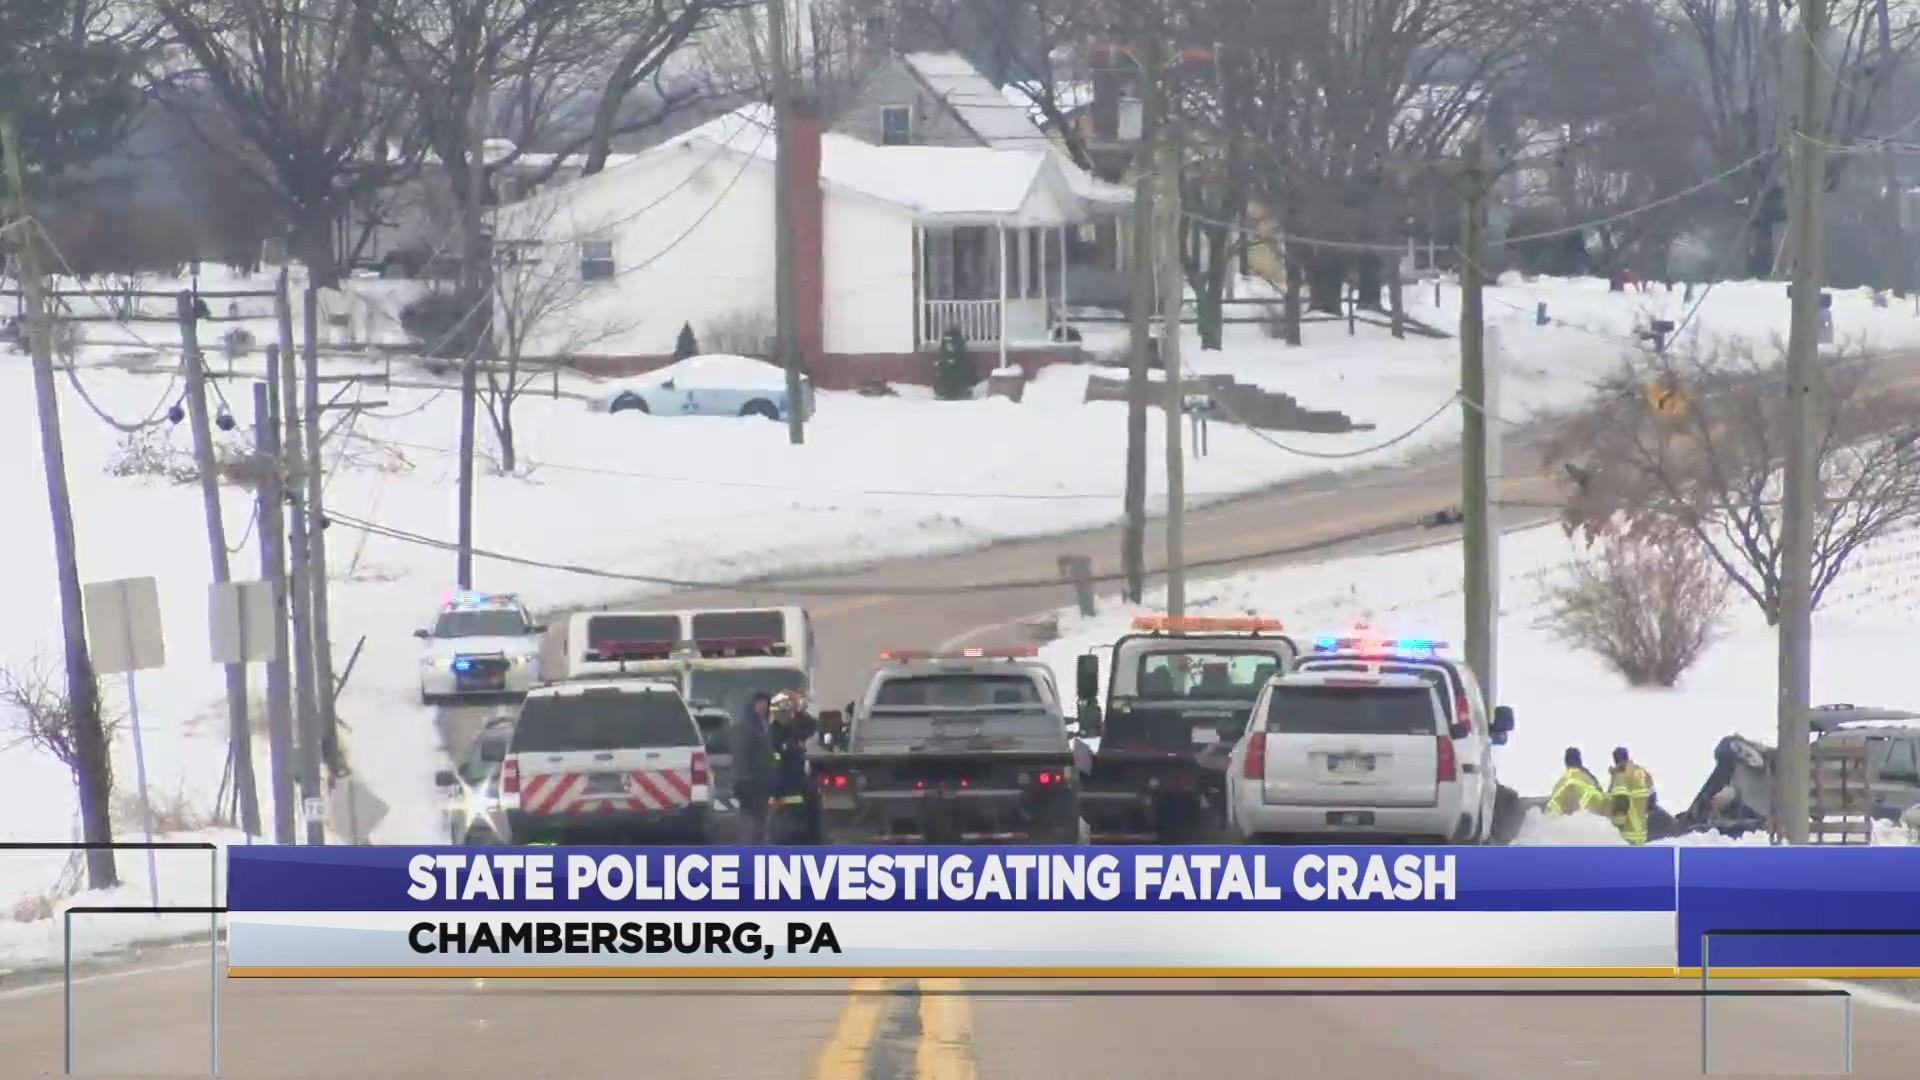 Fatal crash in Franklin County under investigation